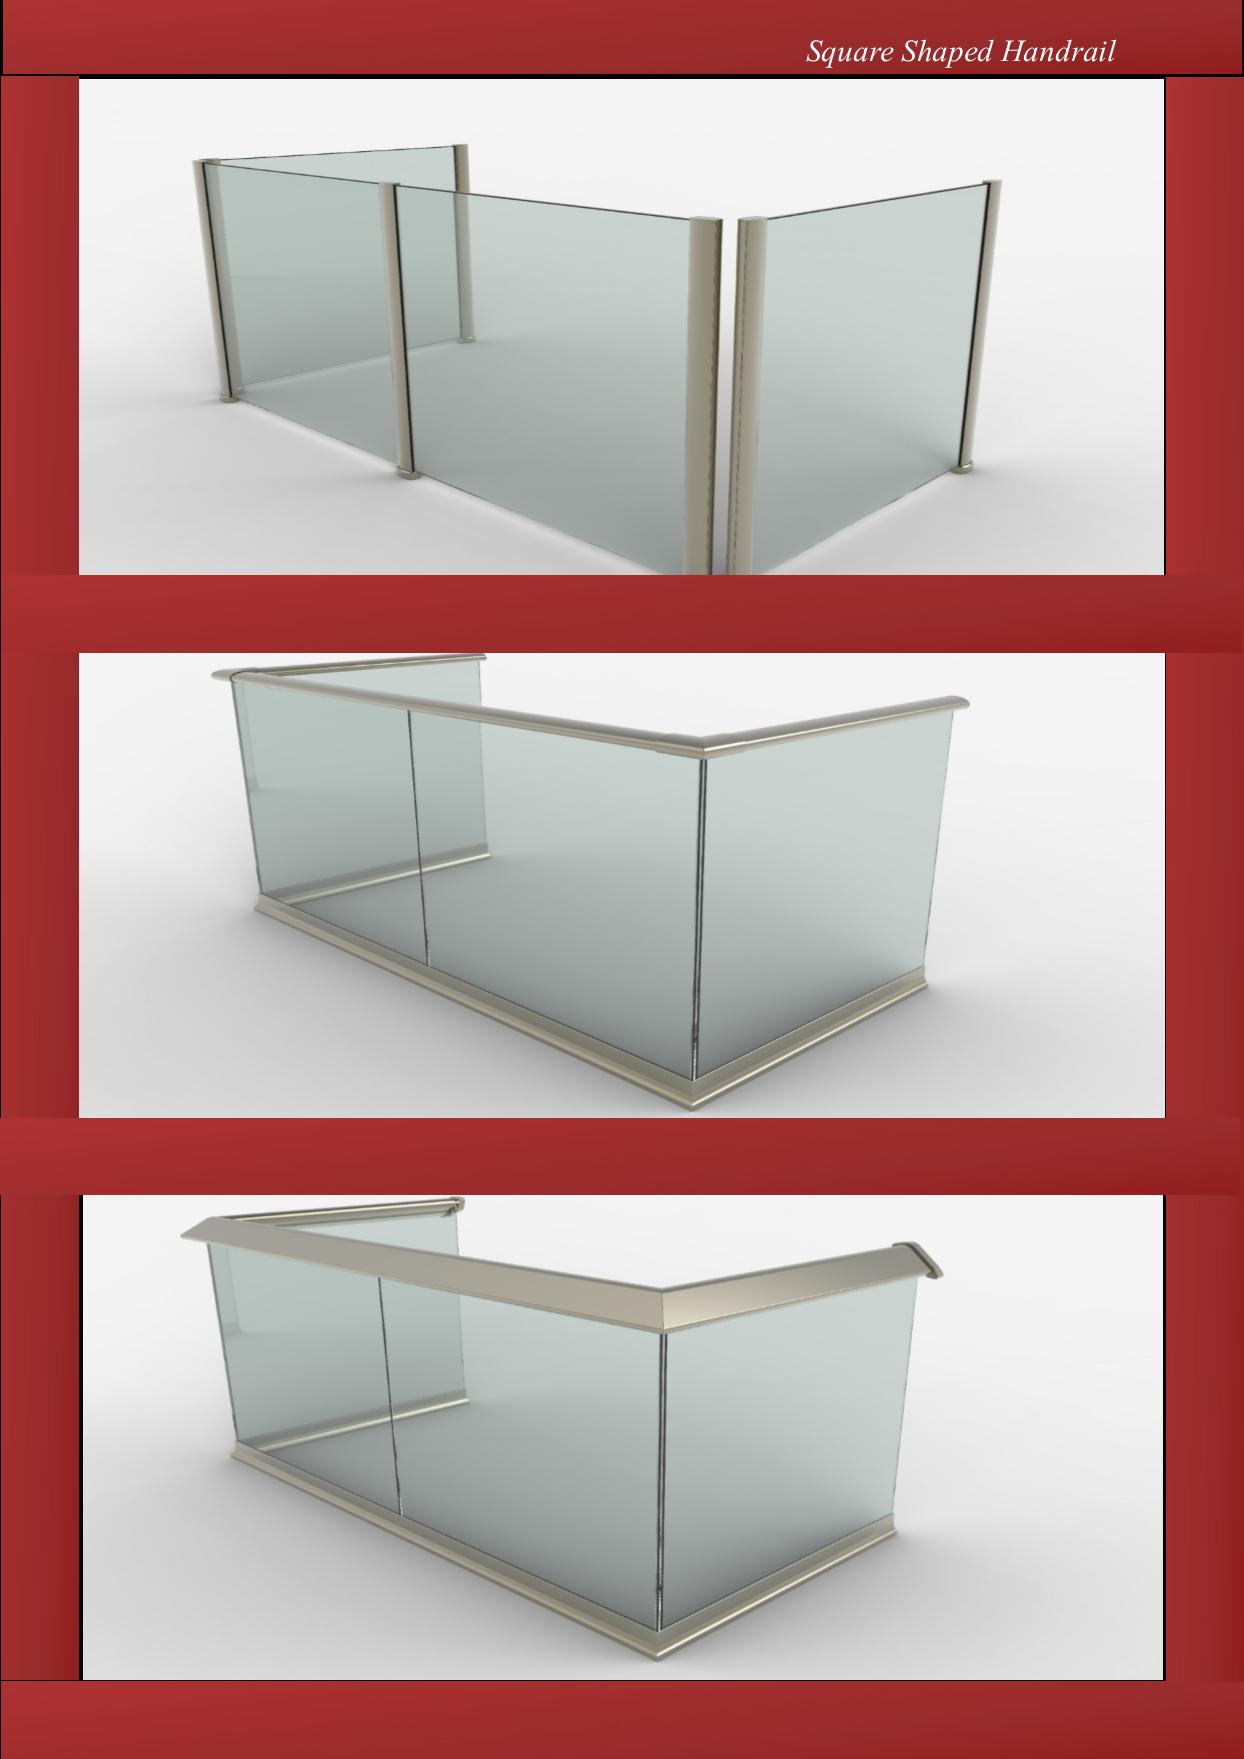 Aluminium Handrail